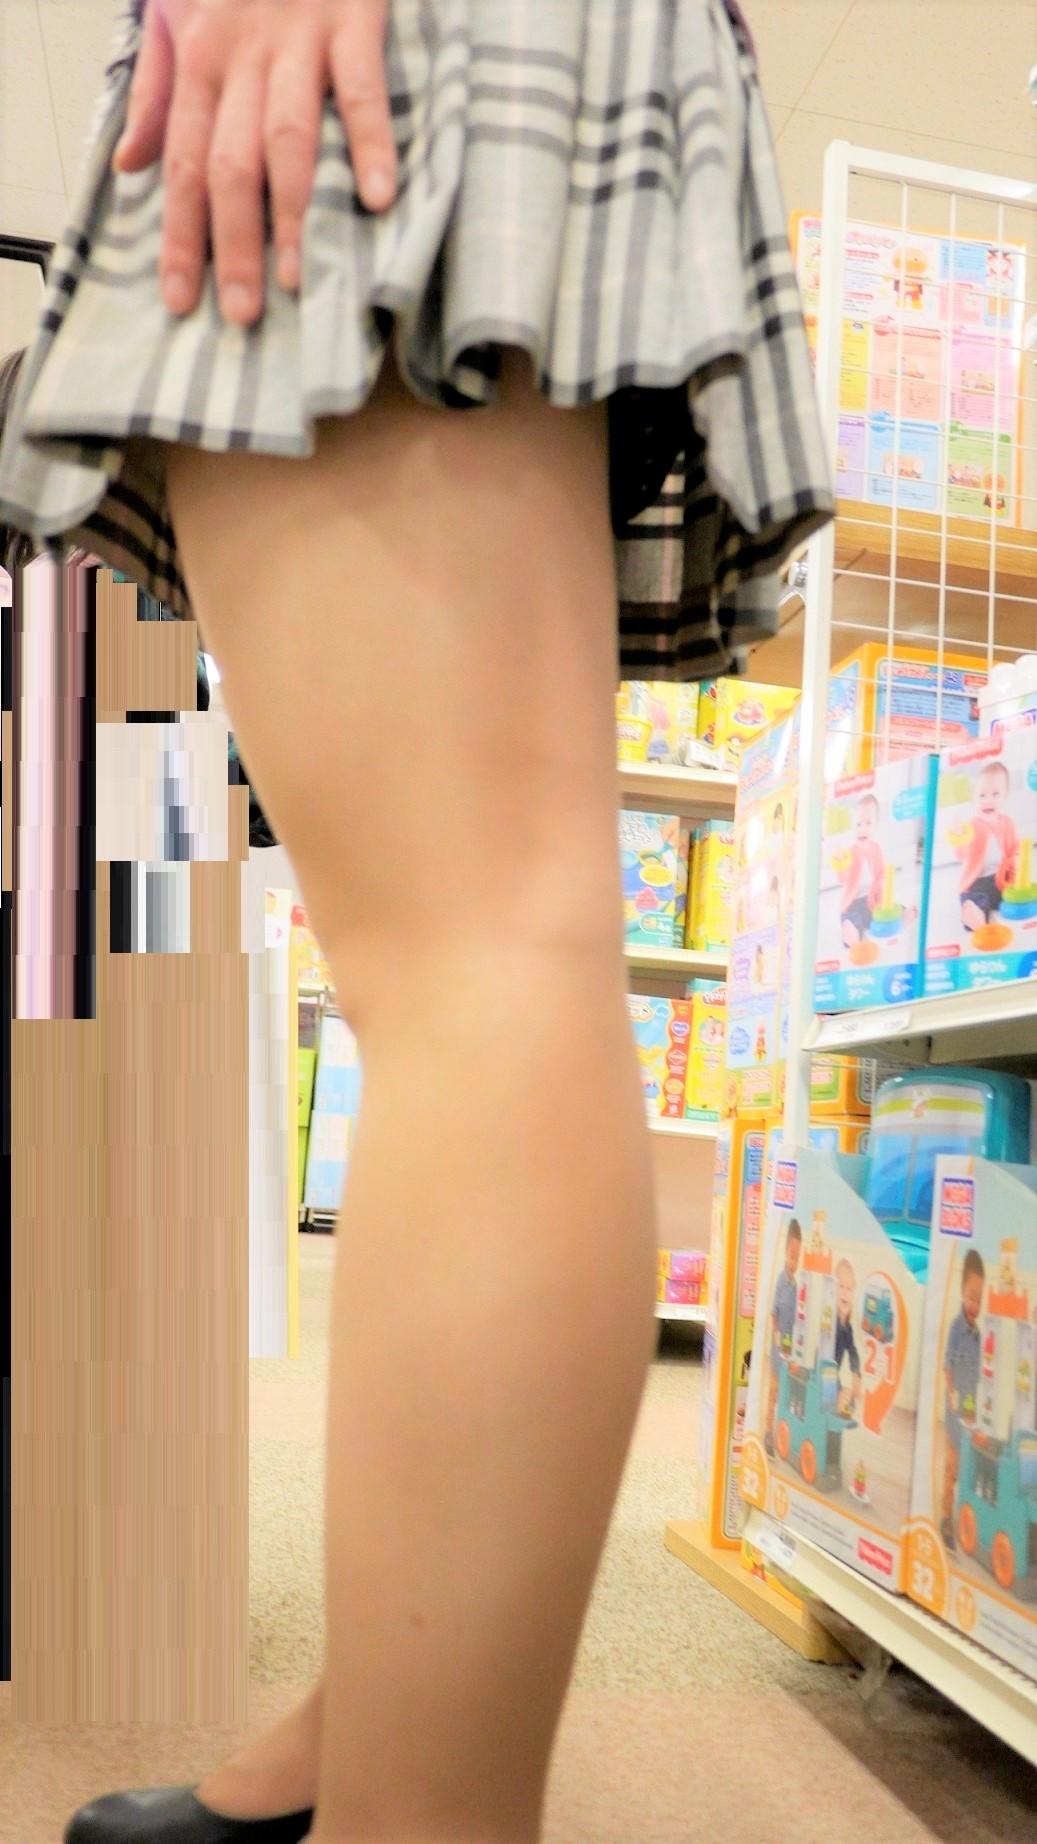 急に飛び込んでくる街中で見る美脚女子のエロ画像33枚・5枚目の画像